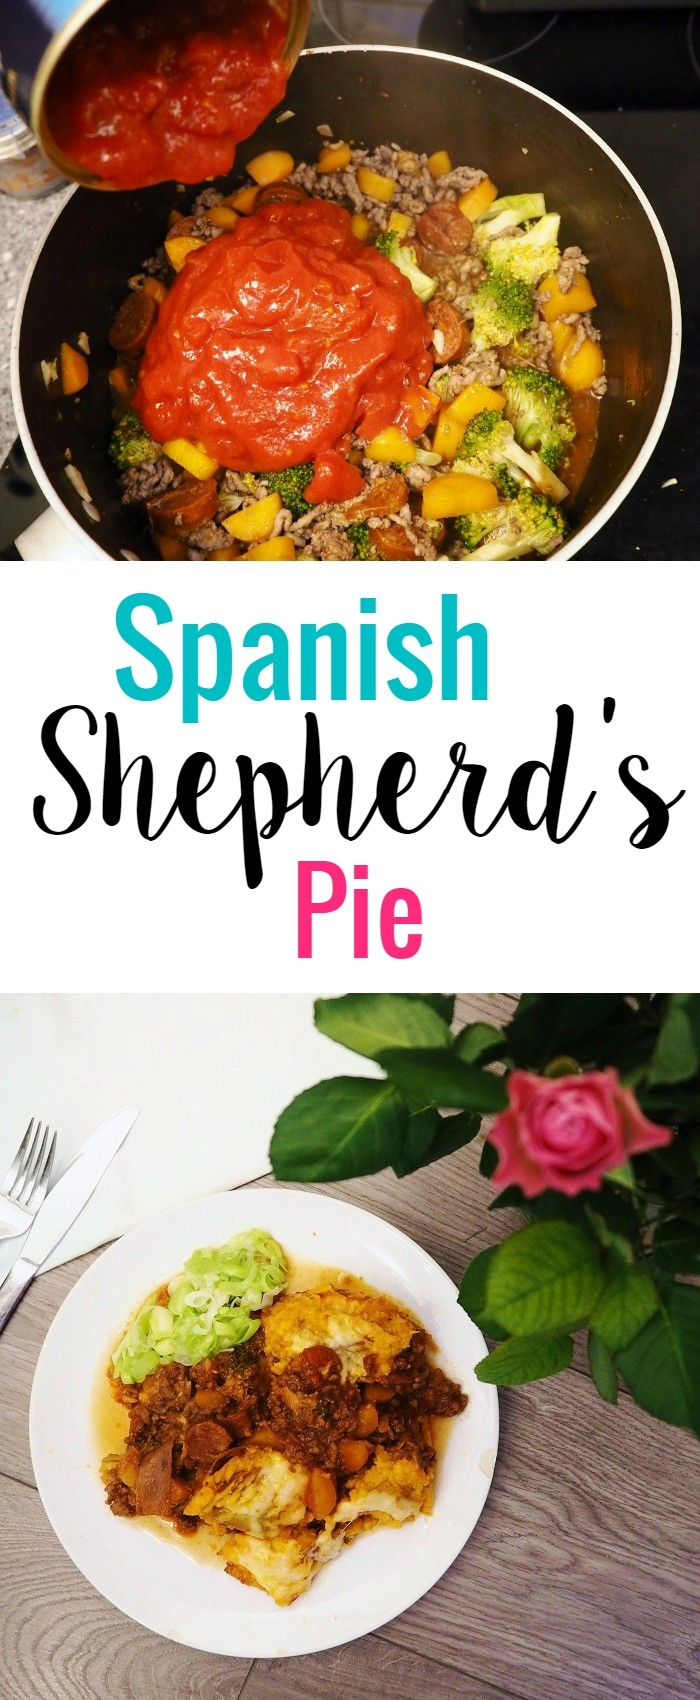 Spanish Shepherd's pie